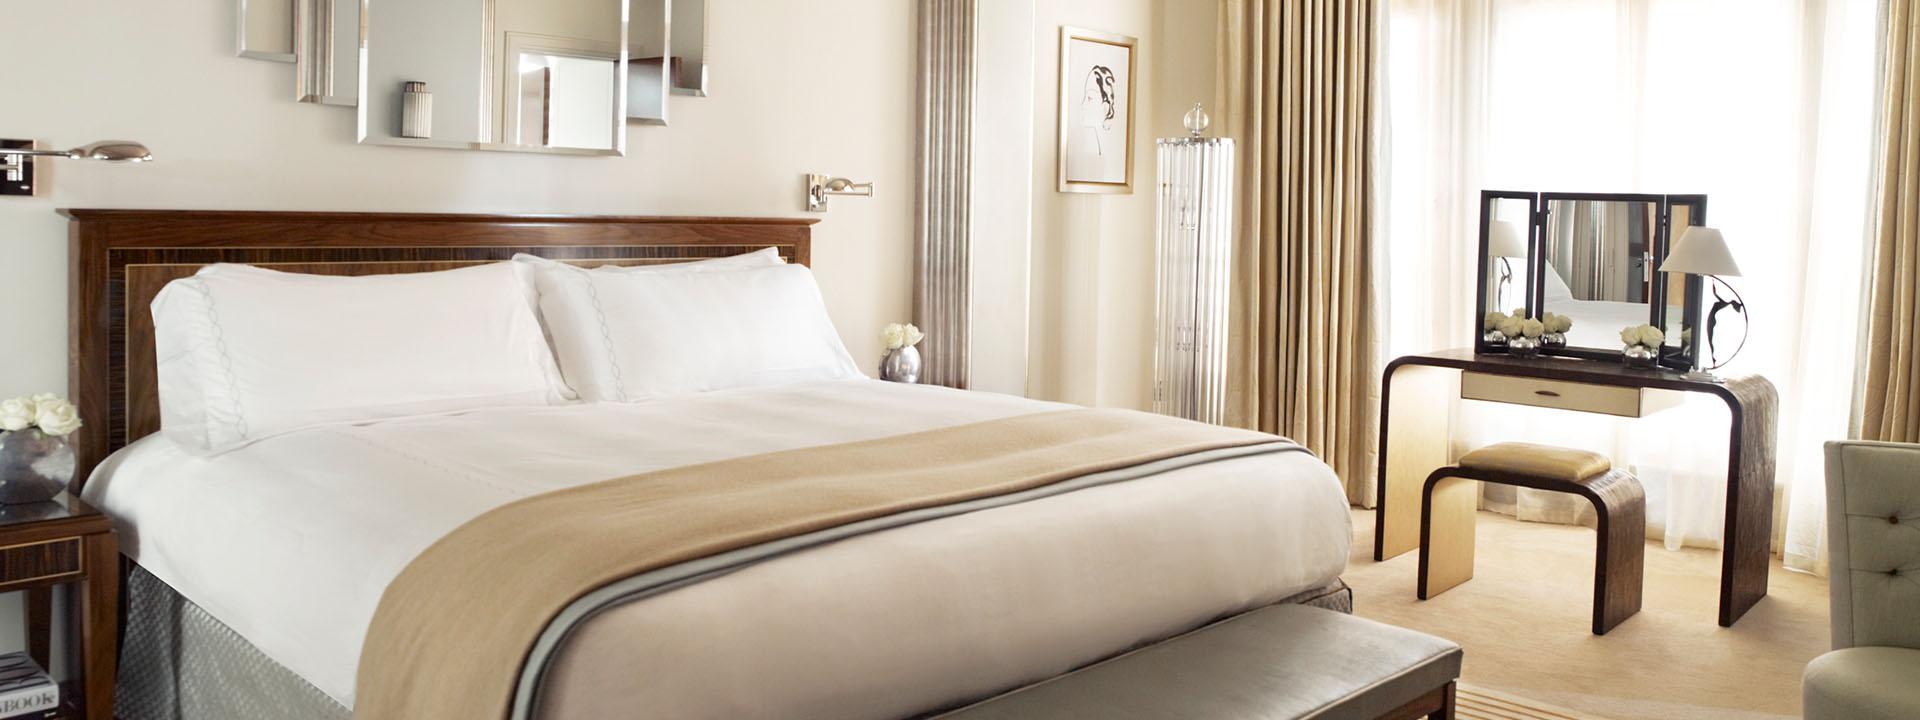 Claridge's Suite Bedroom